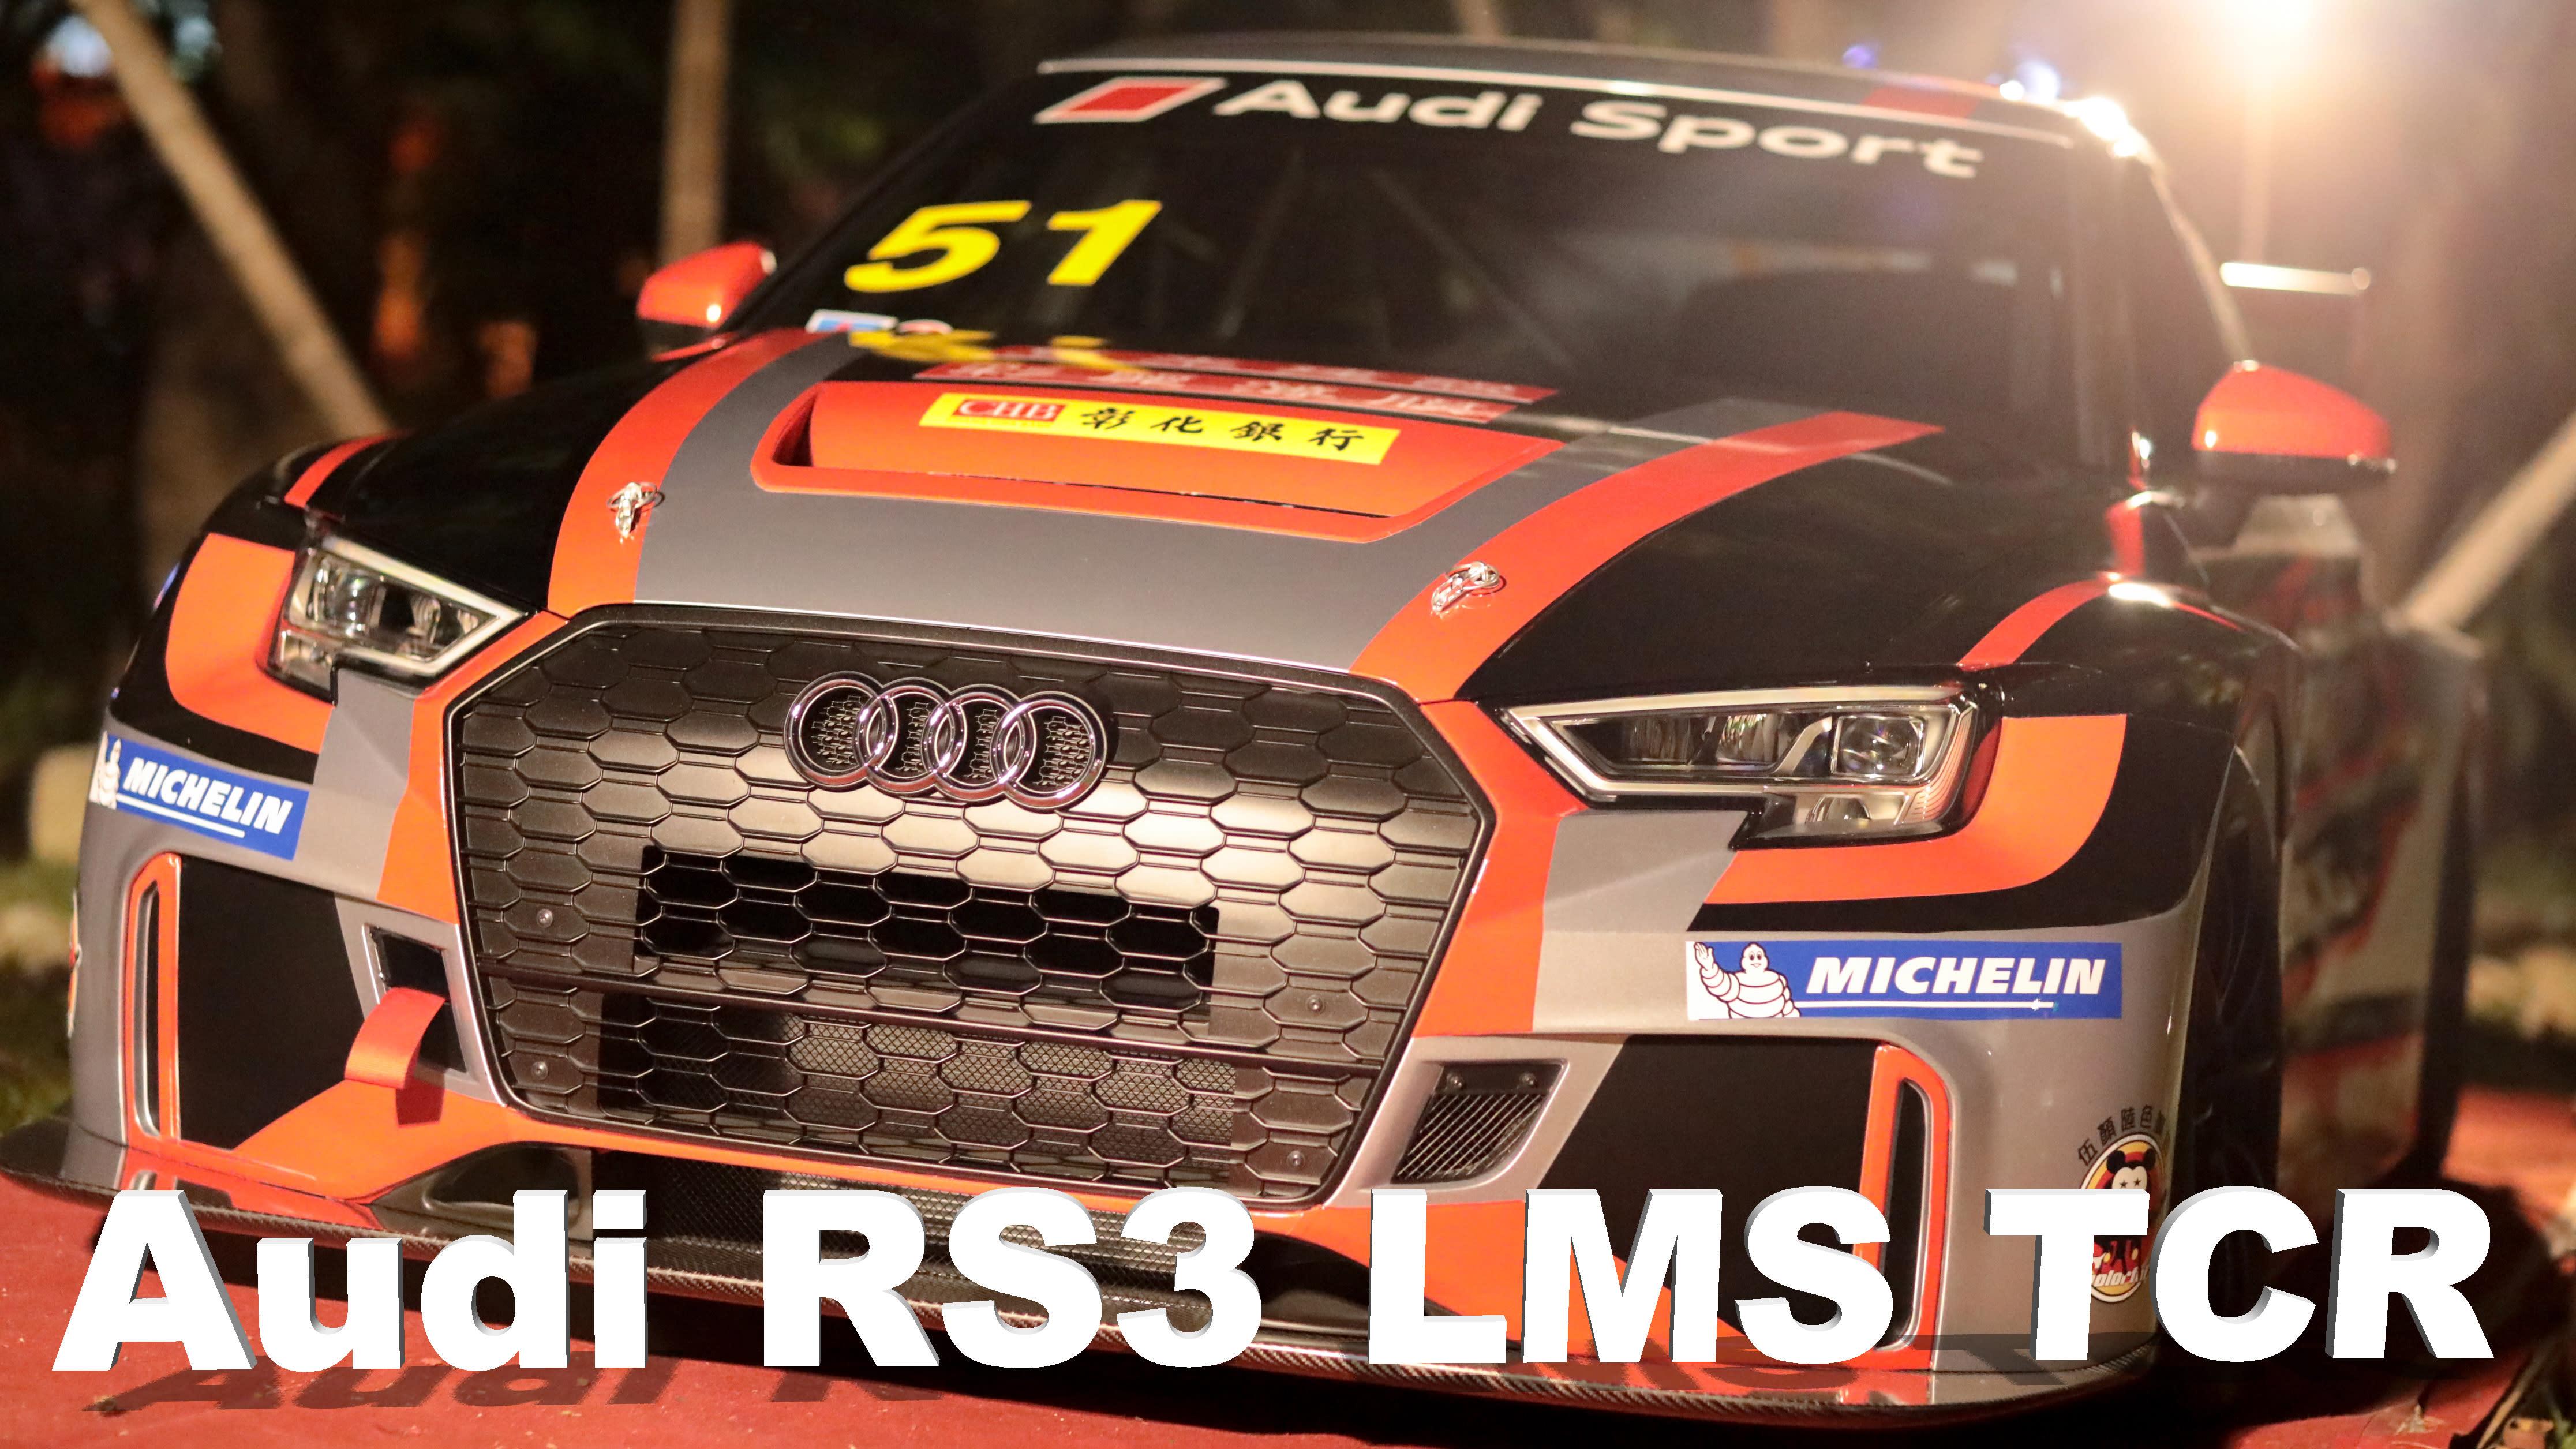 競技猛獸 Audi RS3 LMS 全新工廠賽車登台!